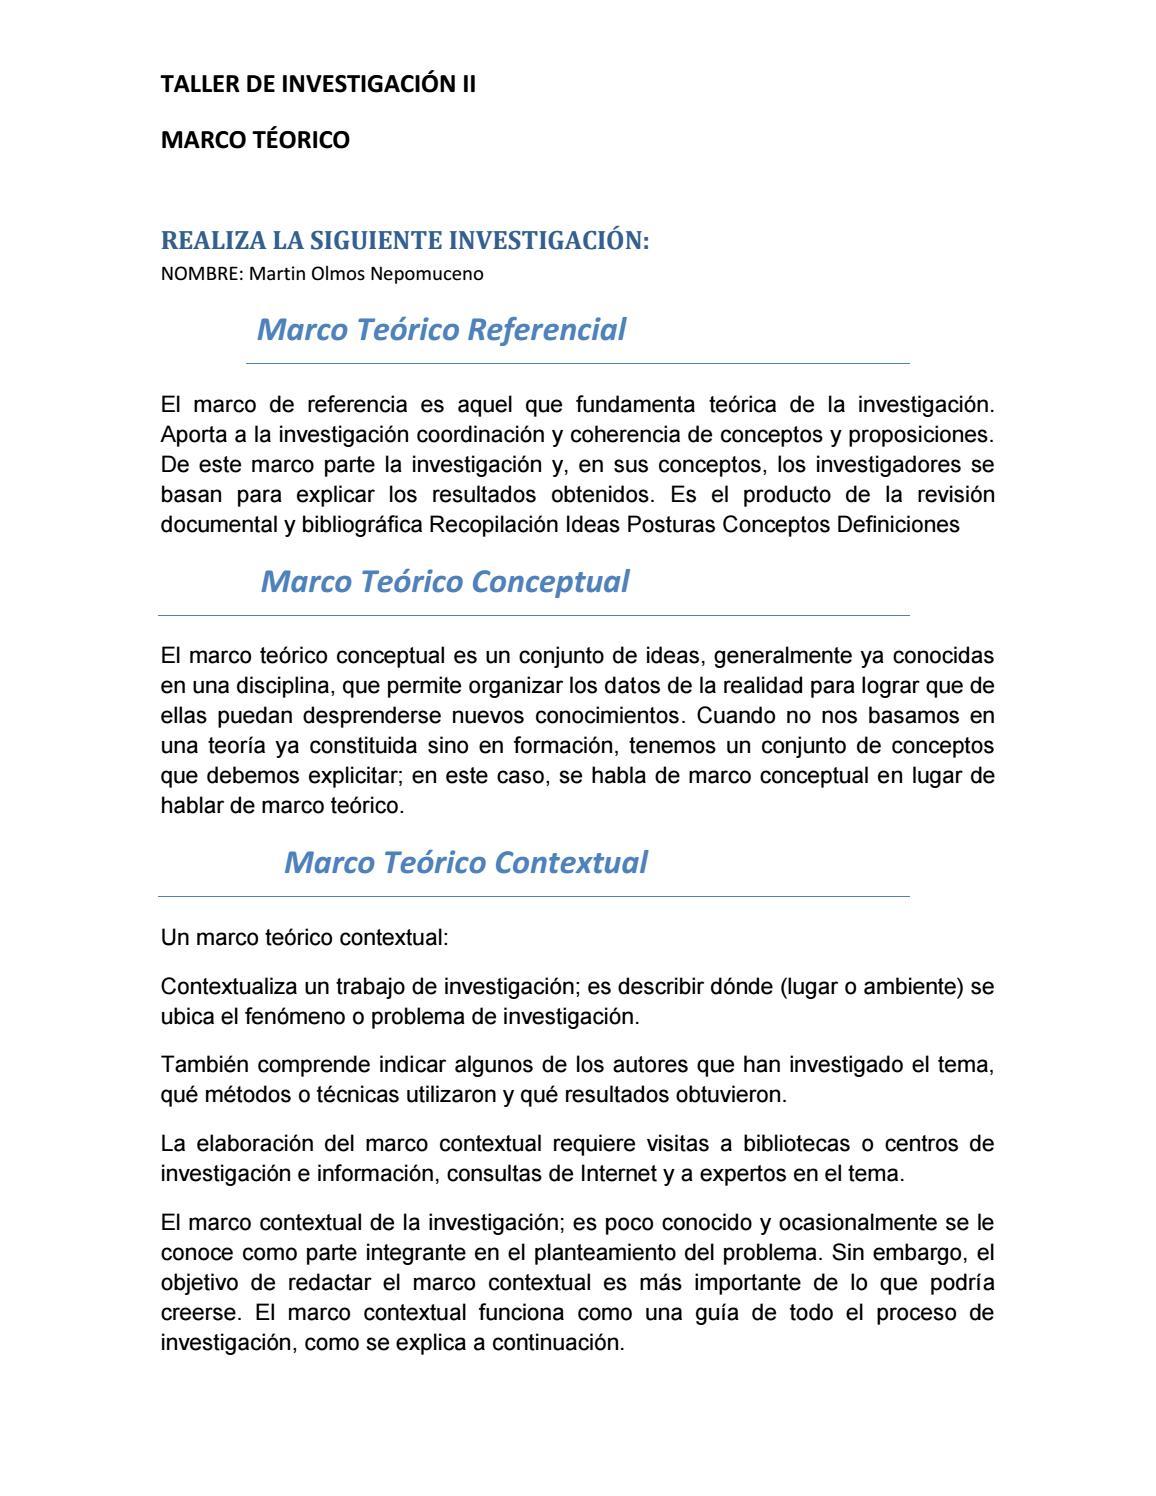 investigacion de marco teorico by martin - issuu